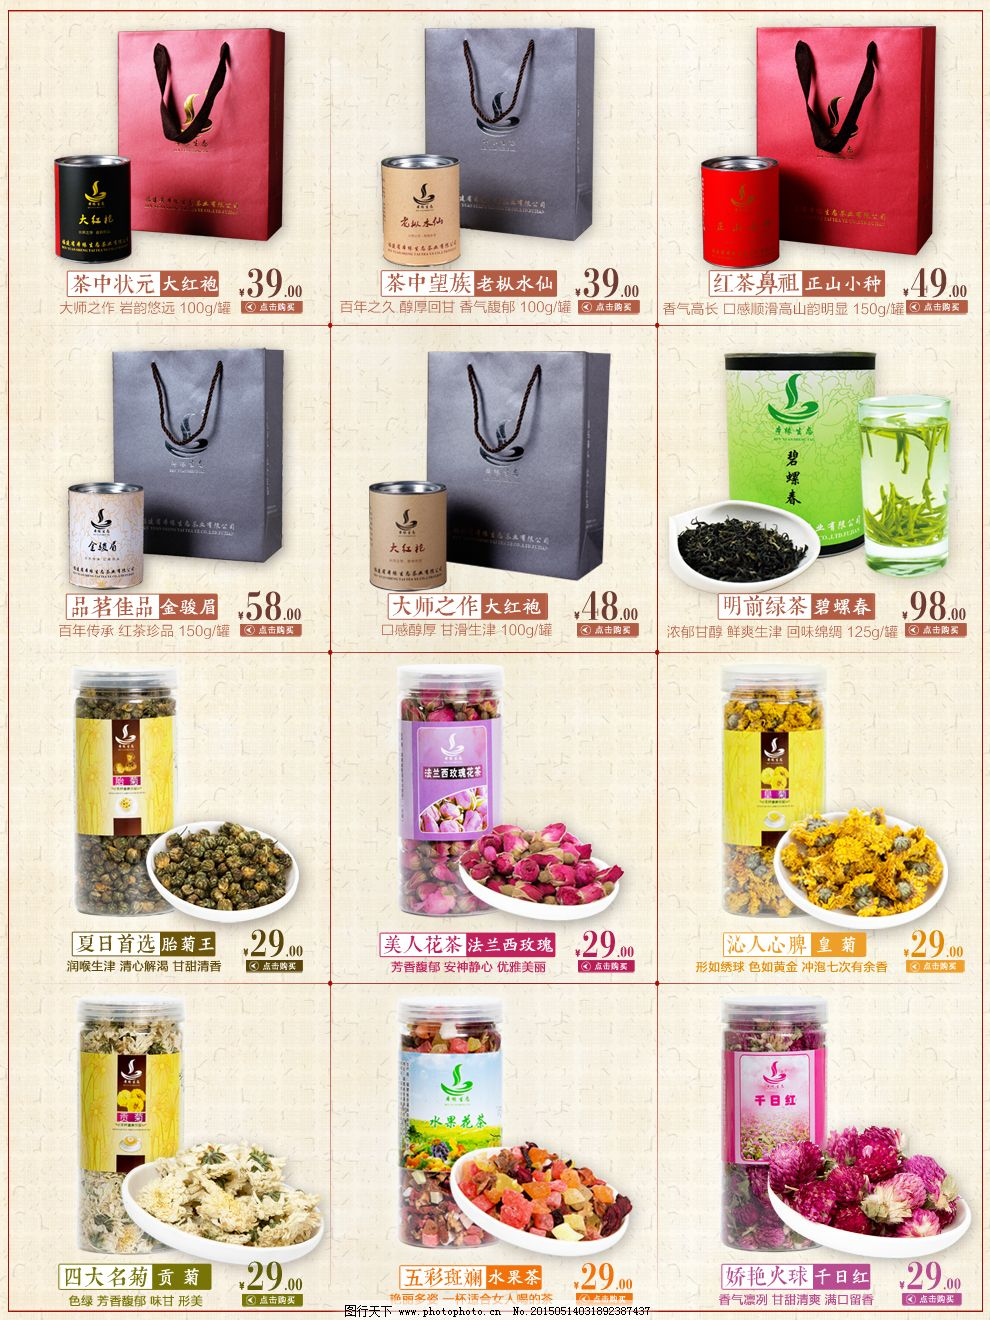 京东淘宝店铺产品排版设计图片